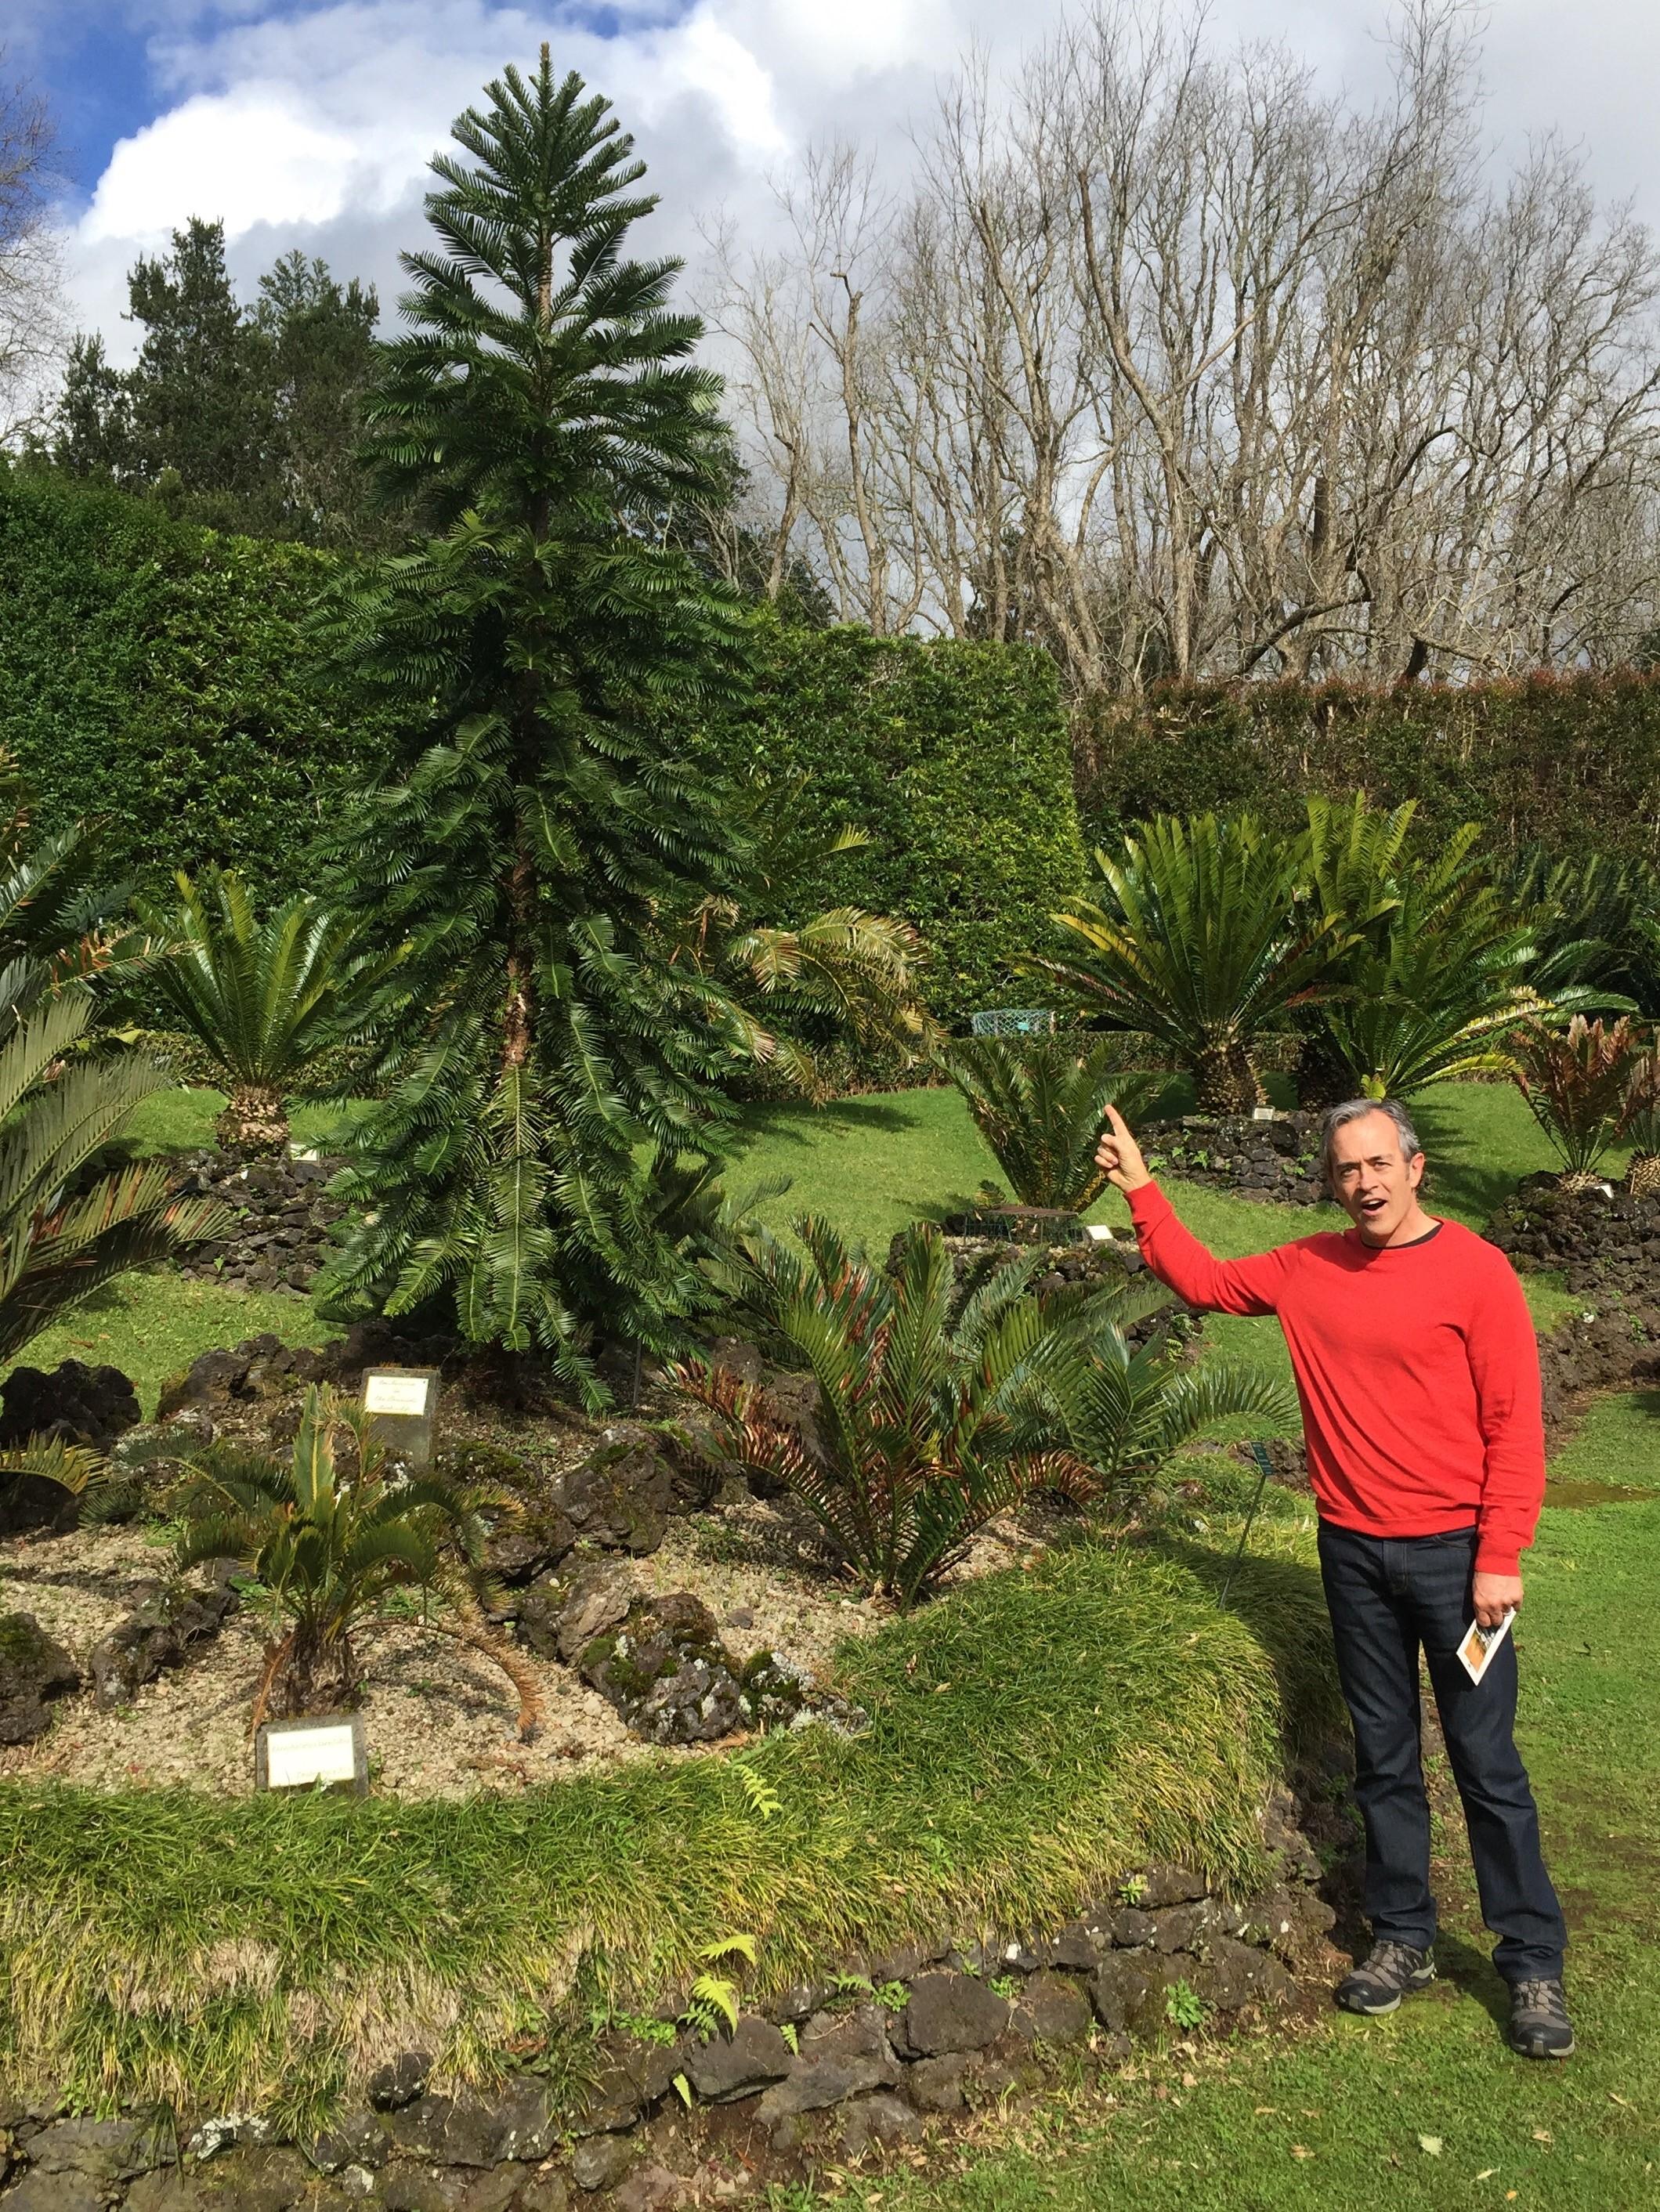 Wollemi pine in Parque Terra Nostra